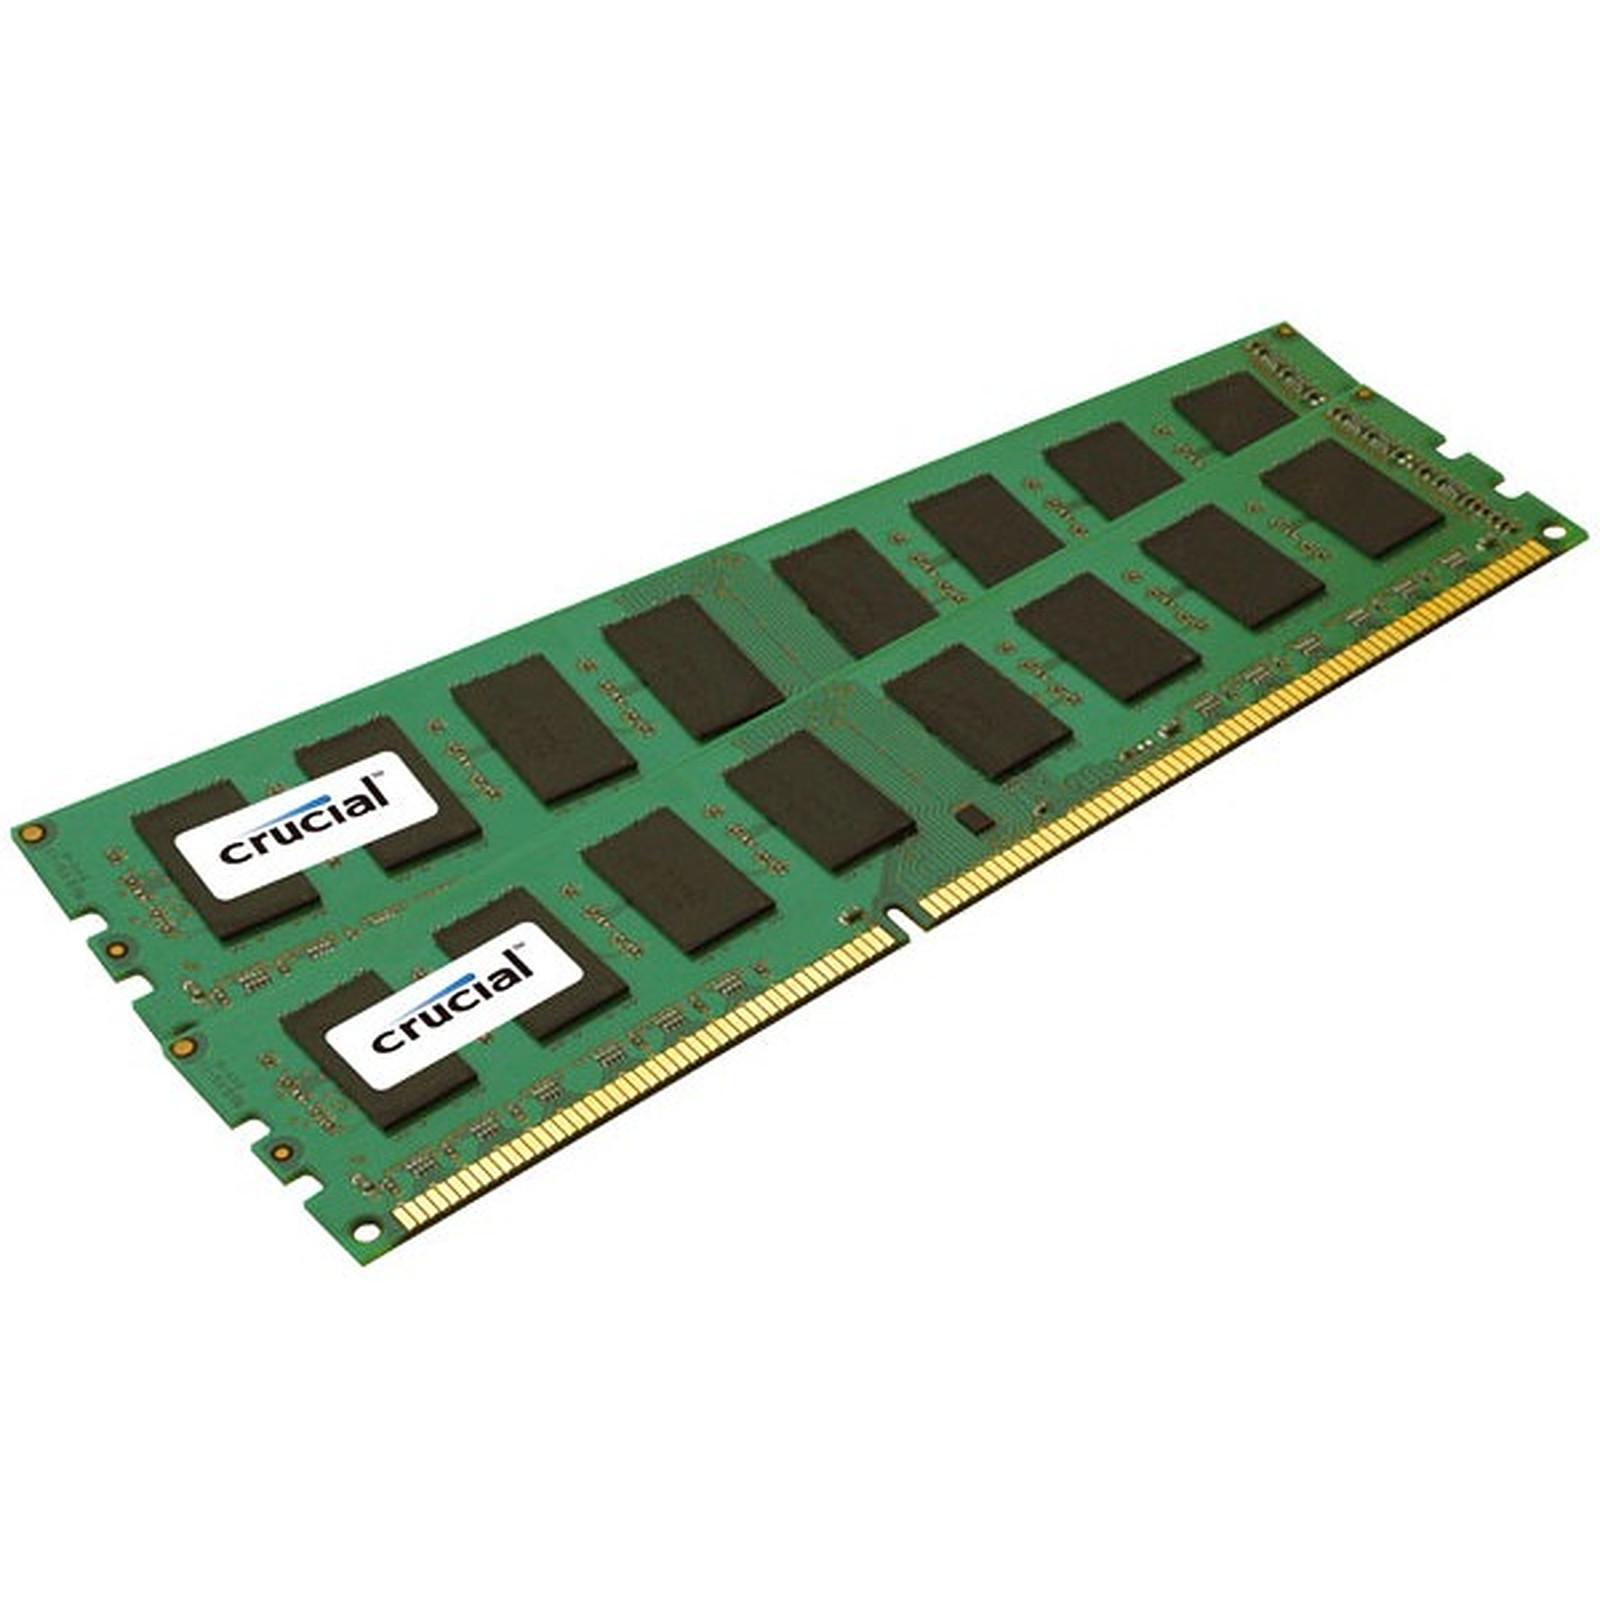 Crucial DDR3L 16GB (2 x 8GB) 1600 MHz CL11